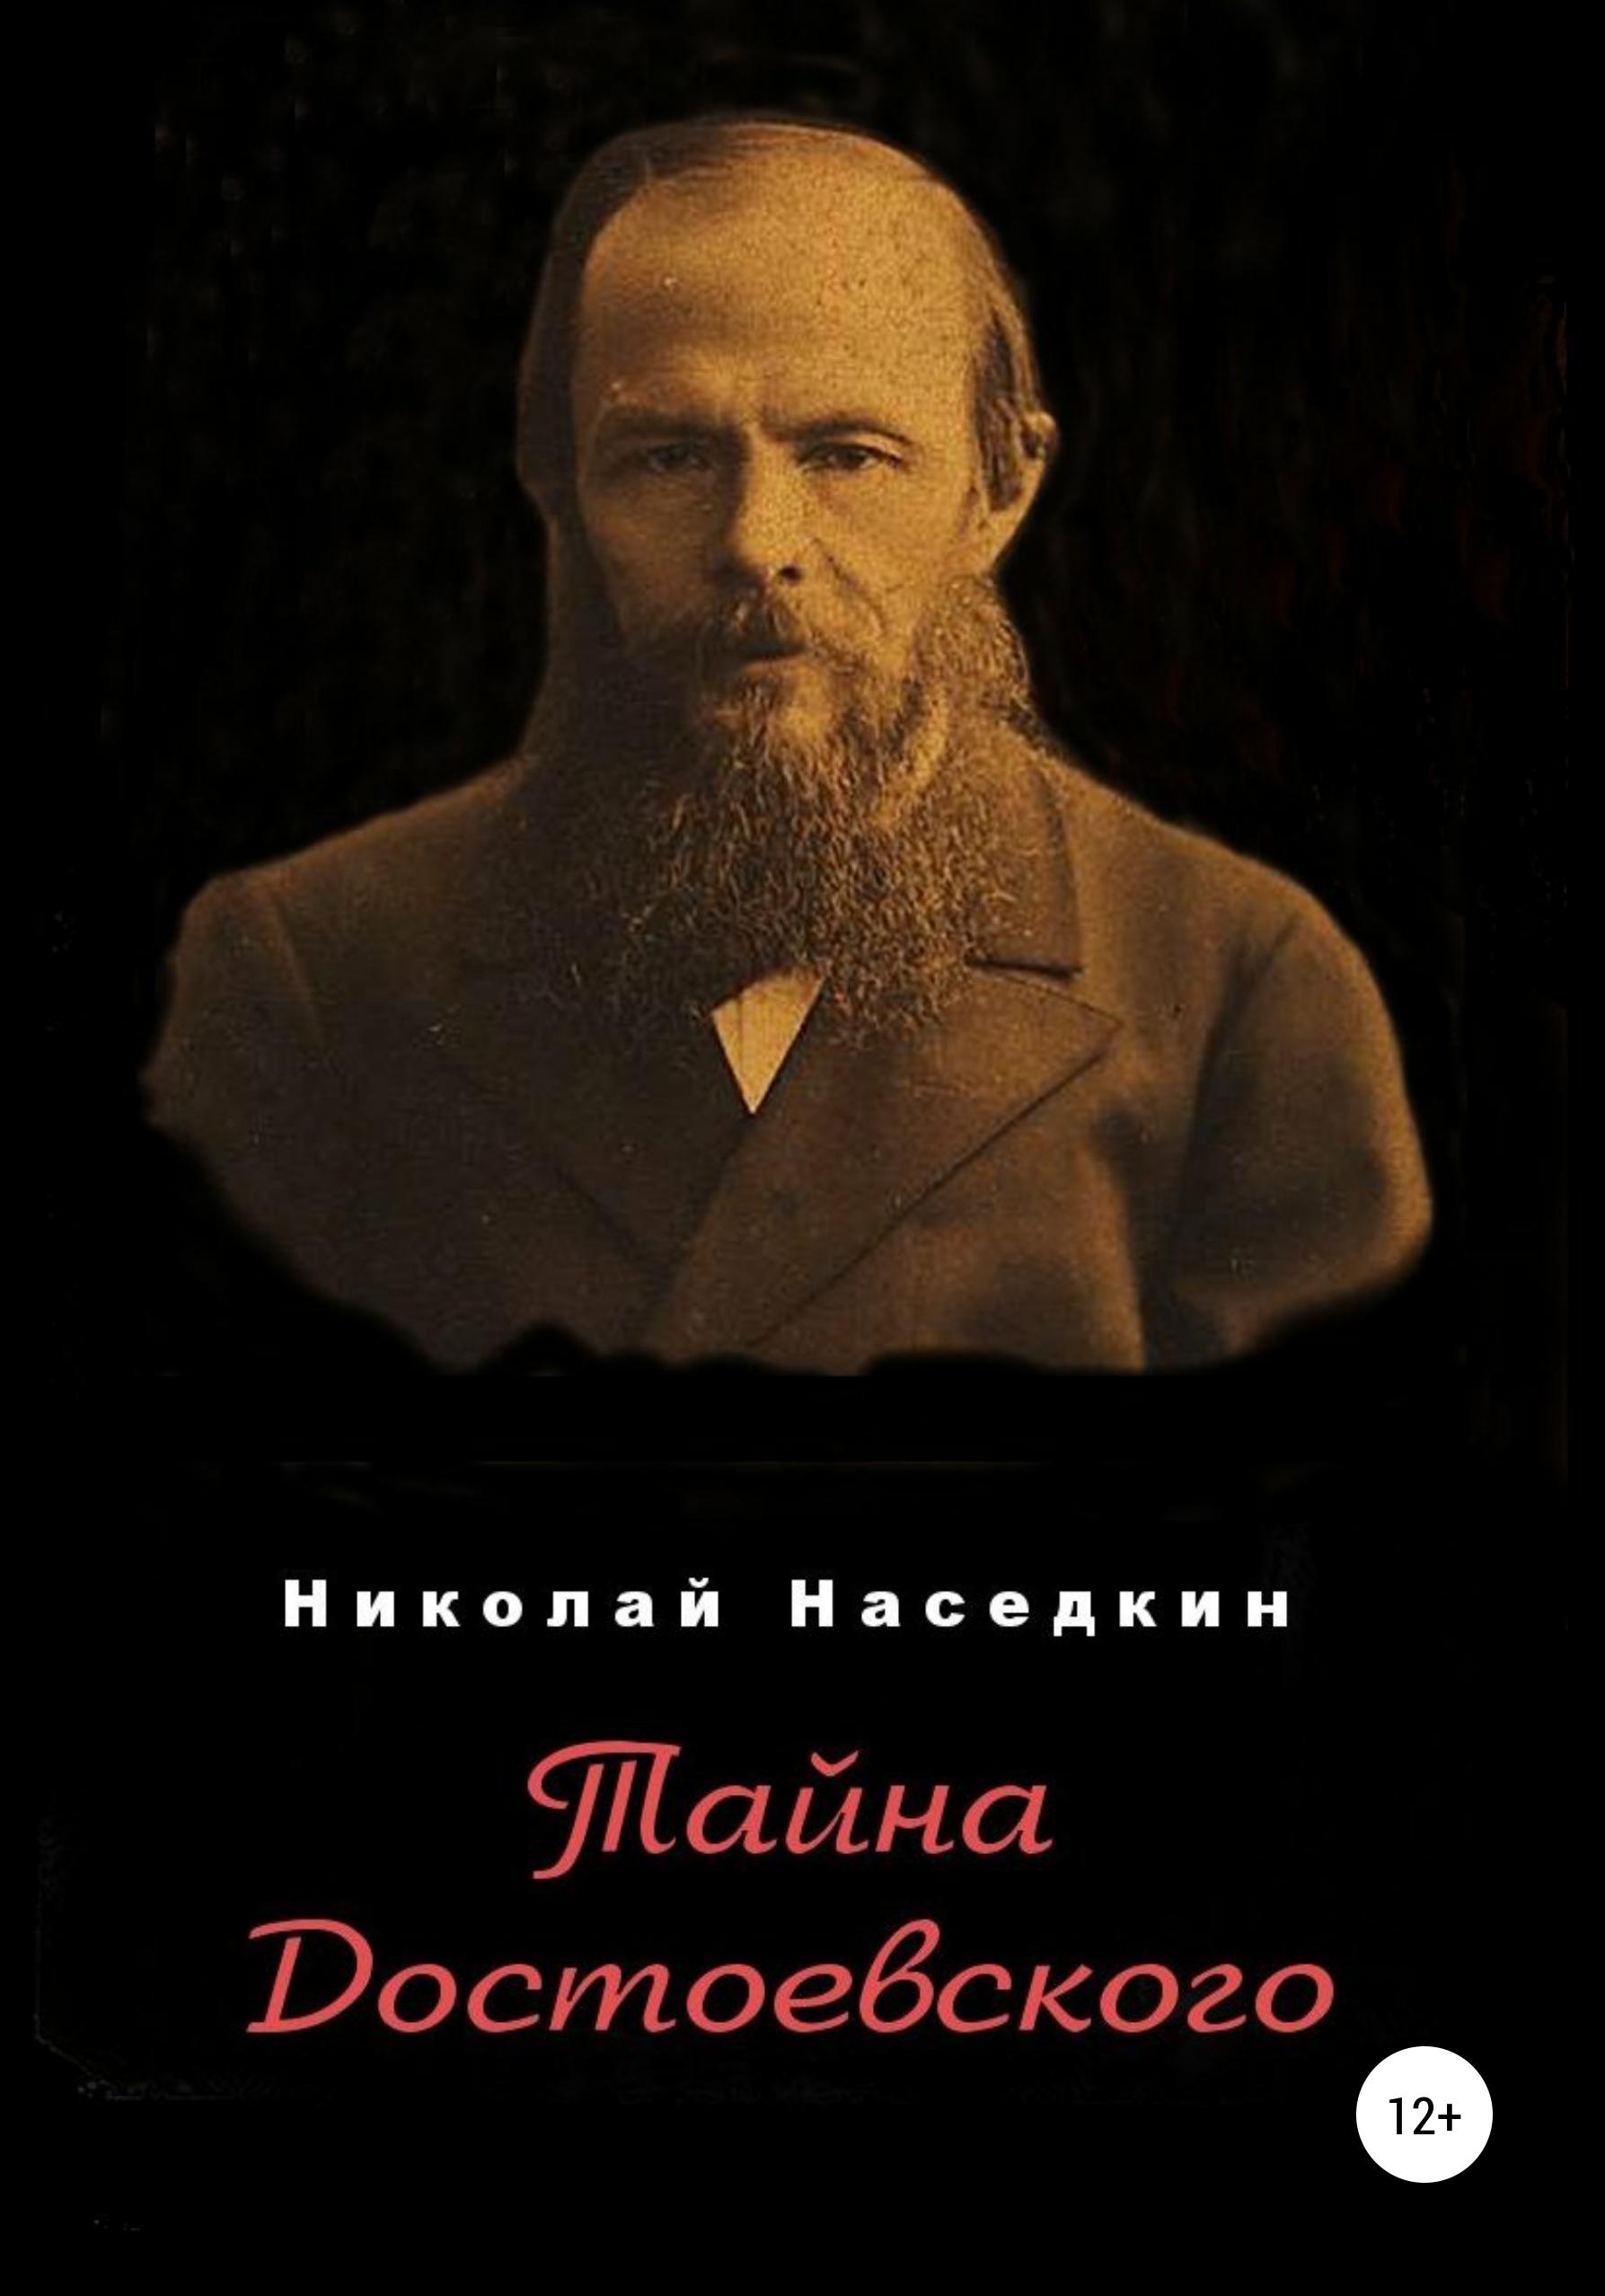 Тайна Достоевского